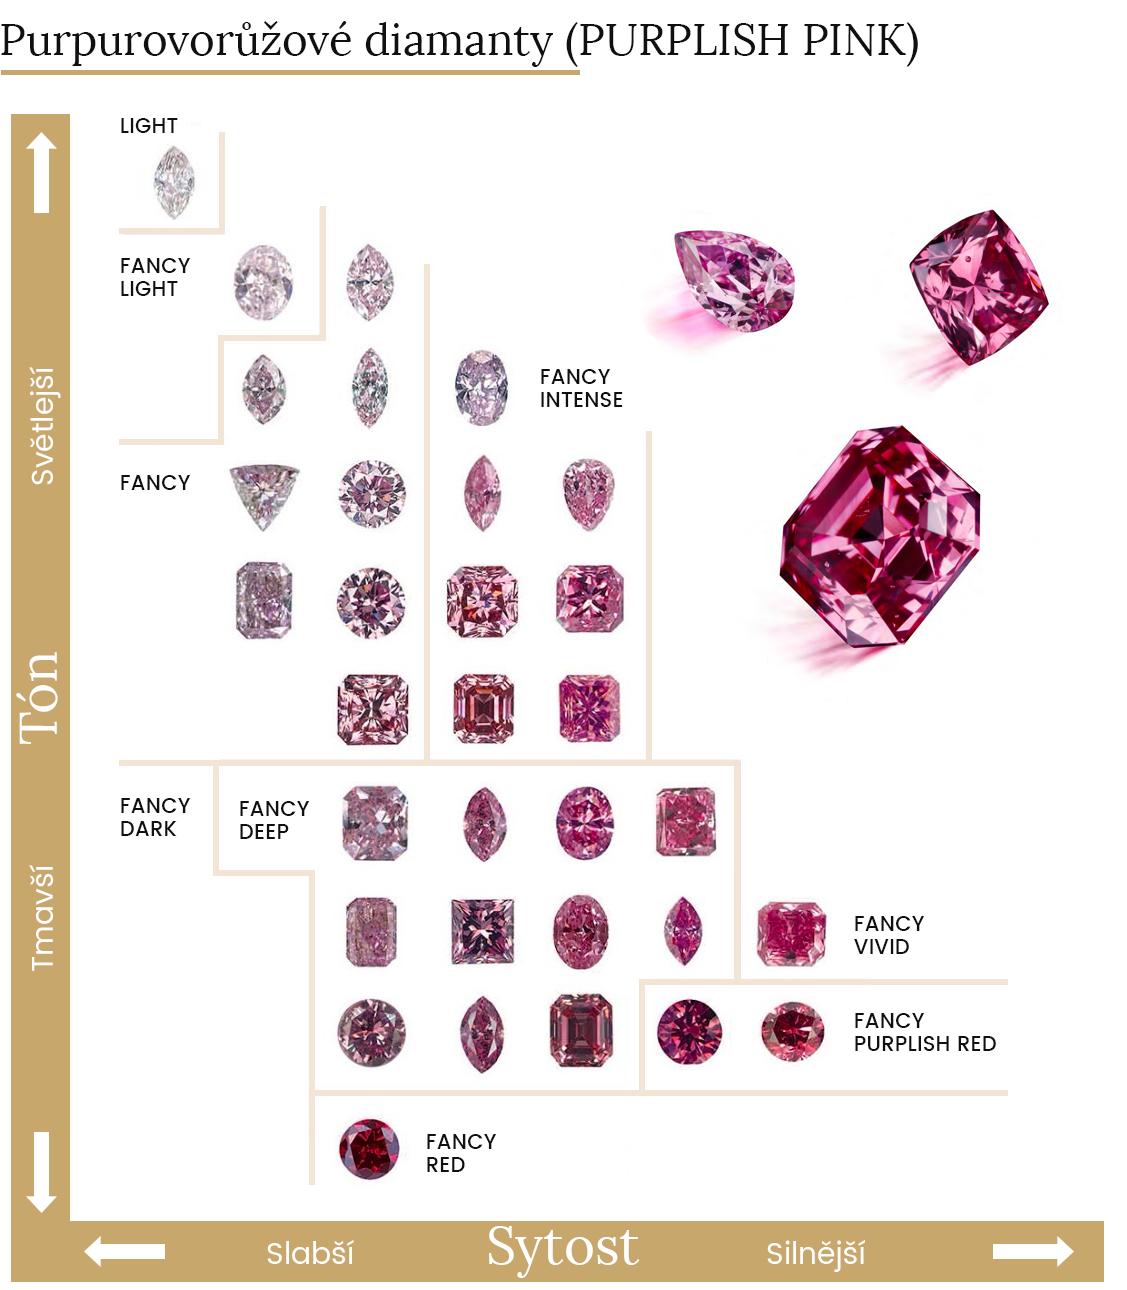 Spektrum purpurových diamantů